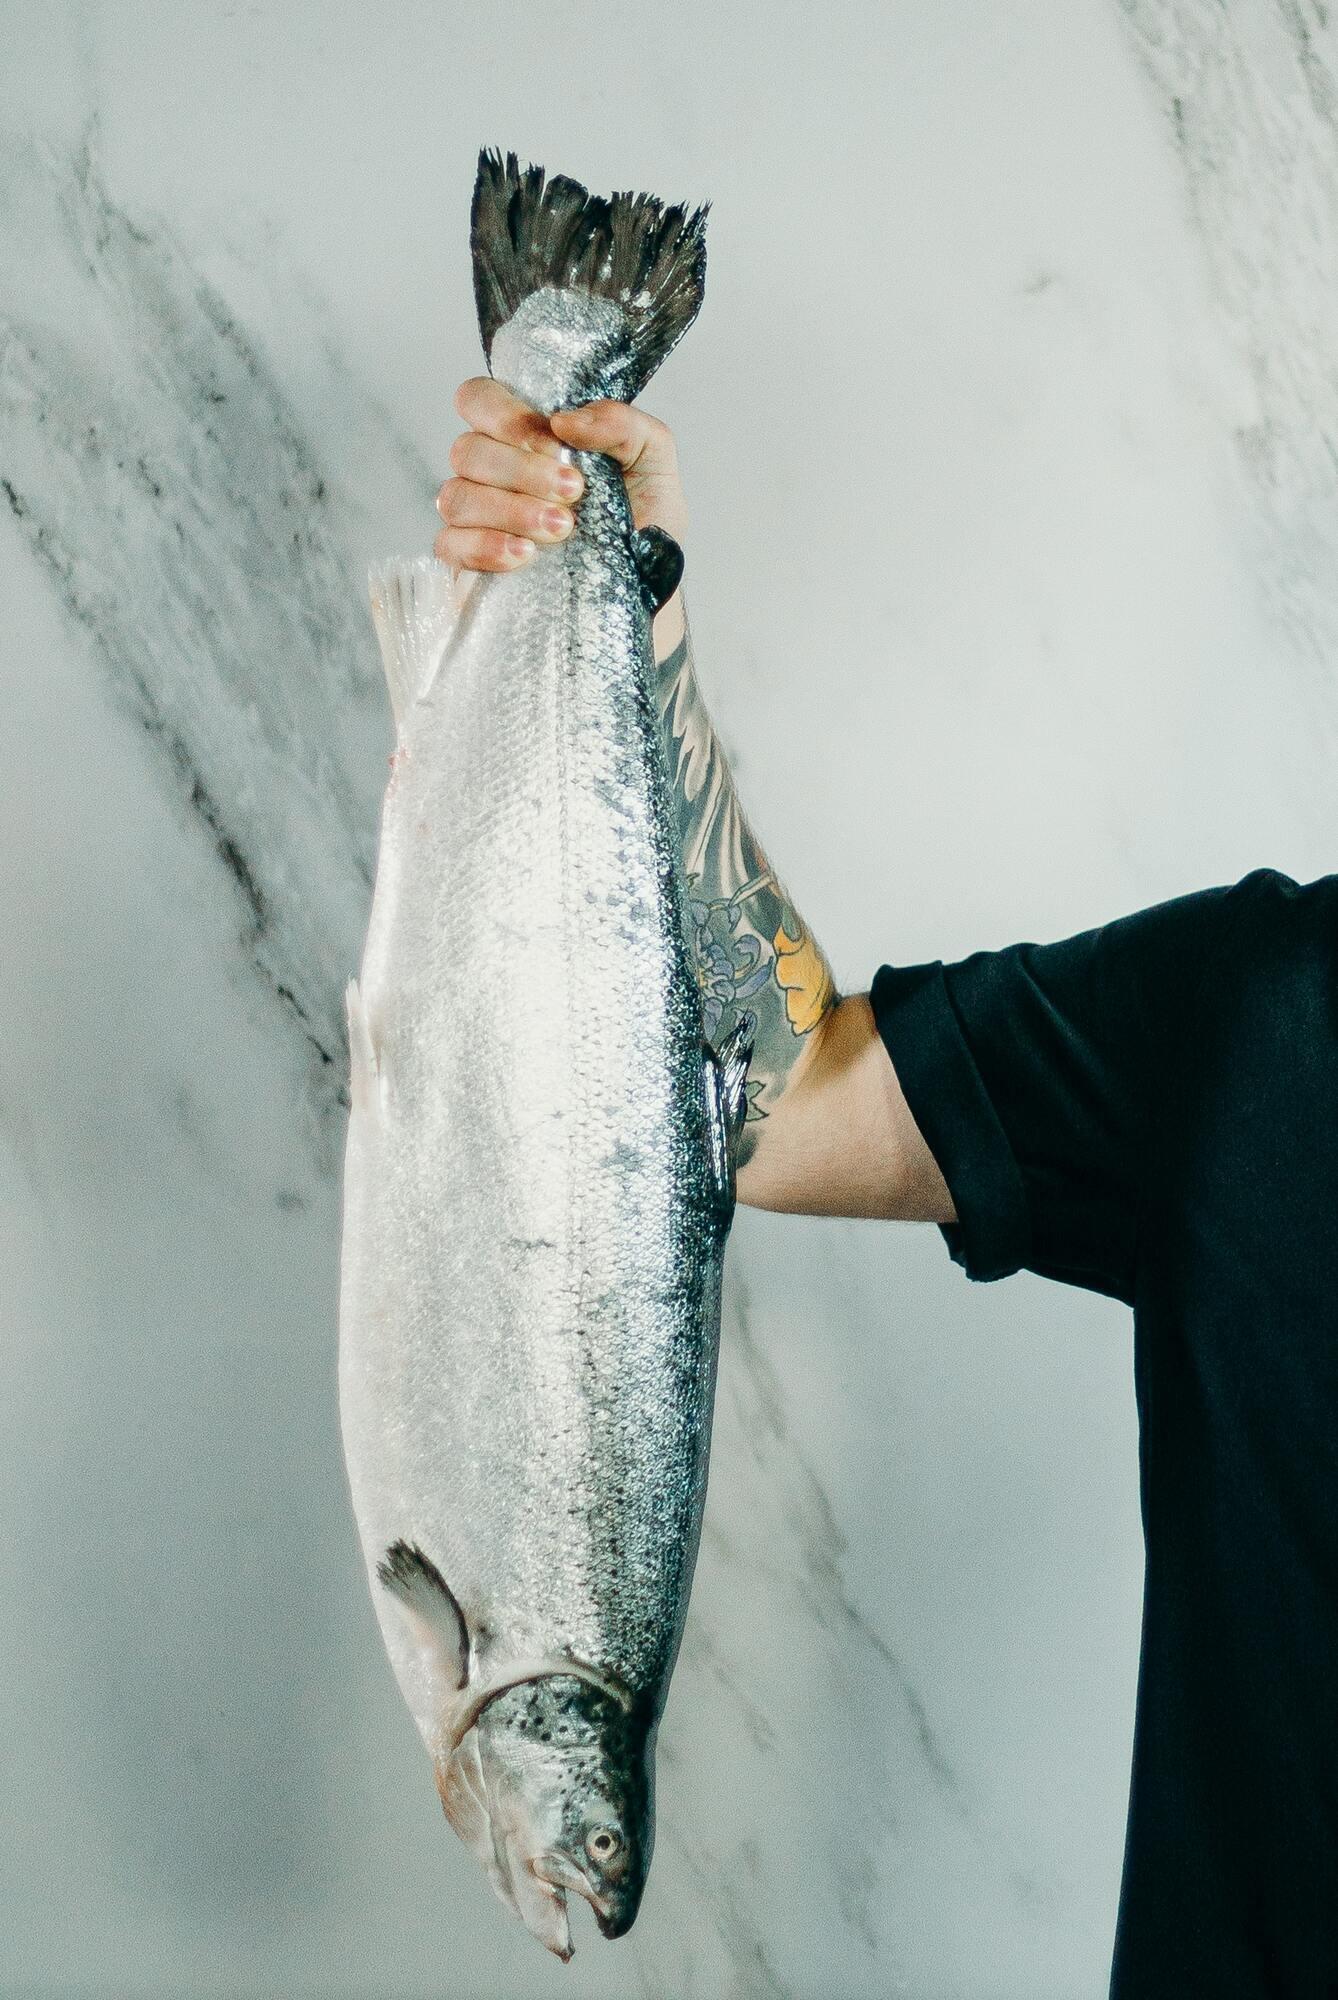 Дикая рыба полезнее искусственно выращенной